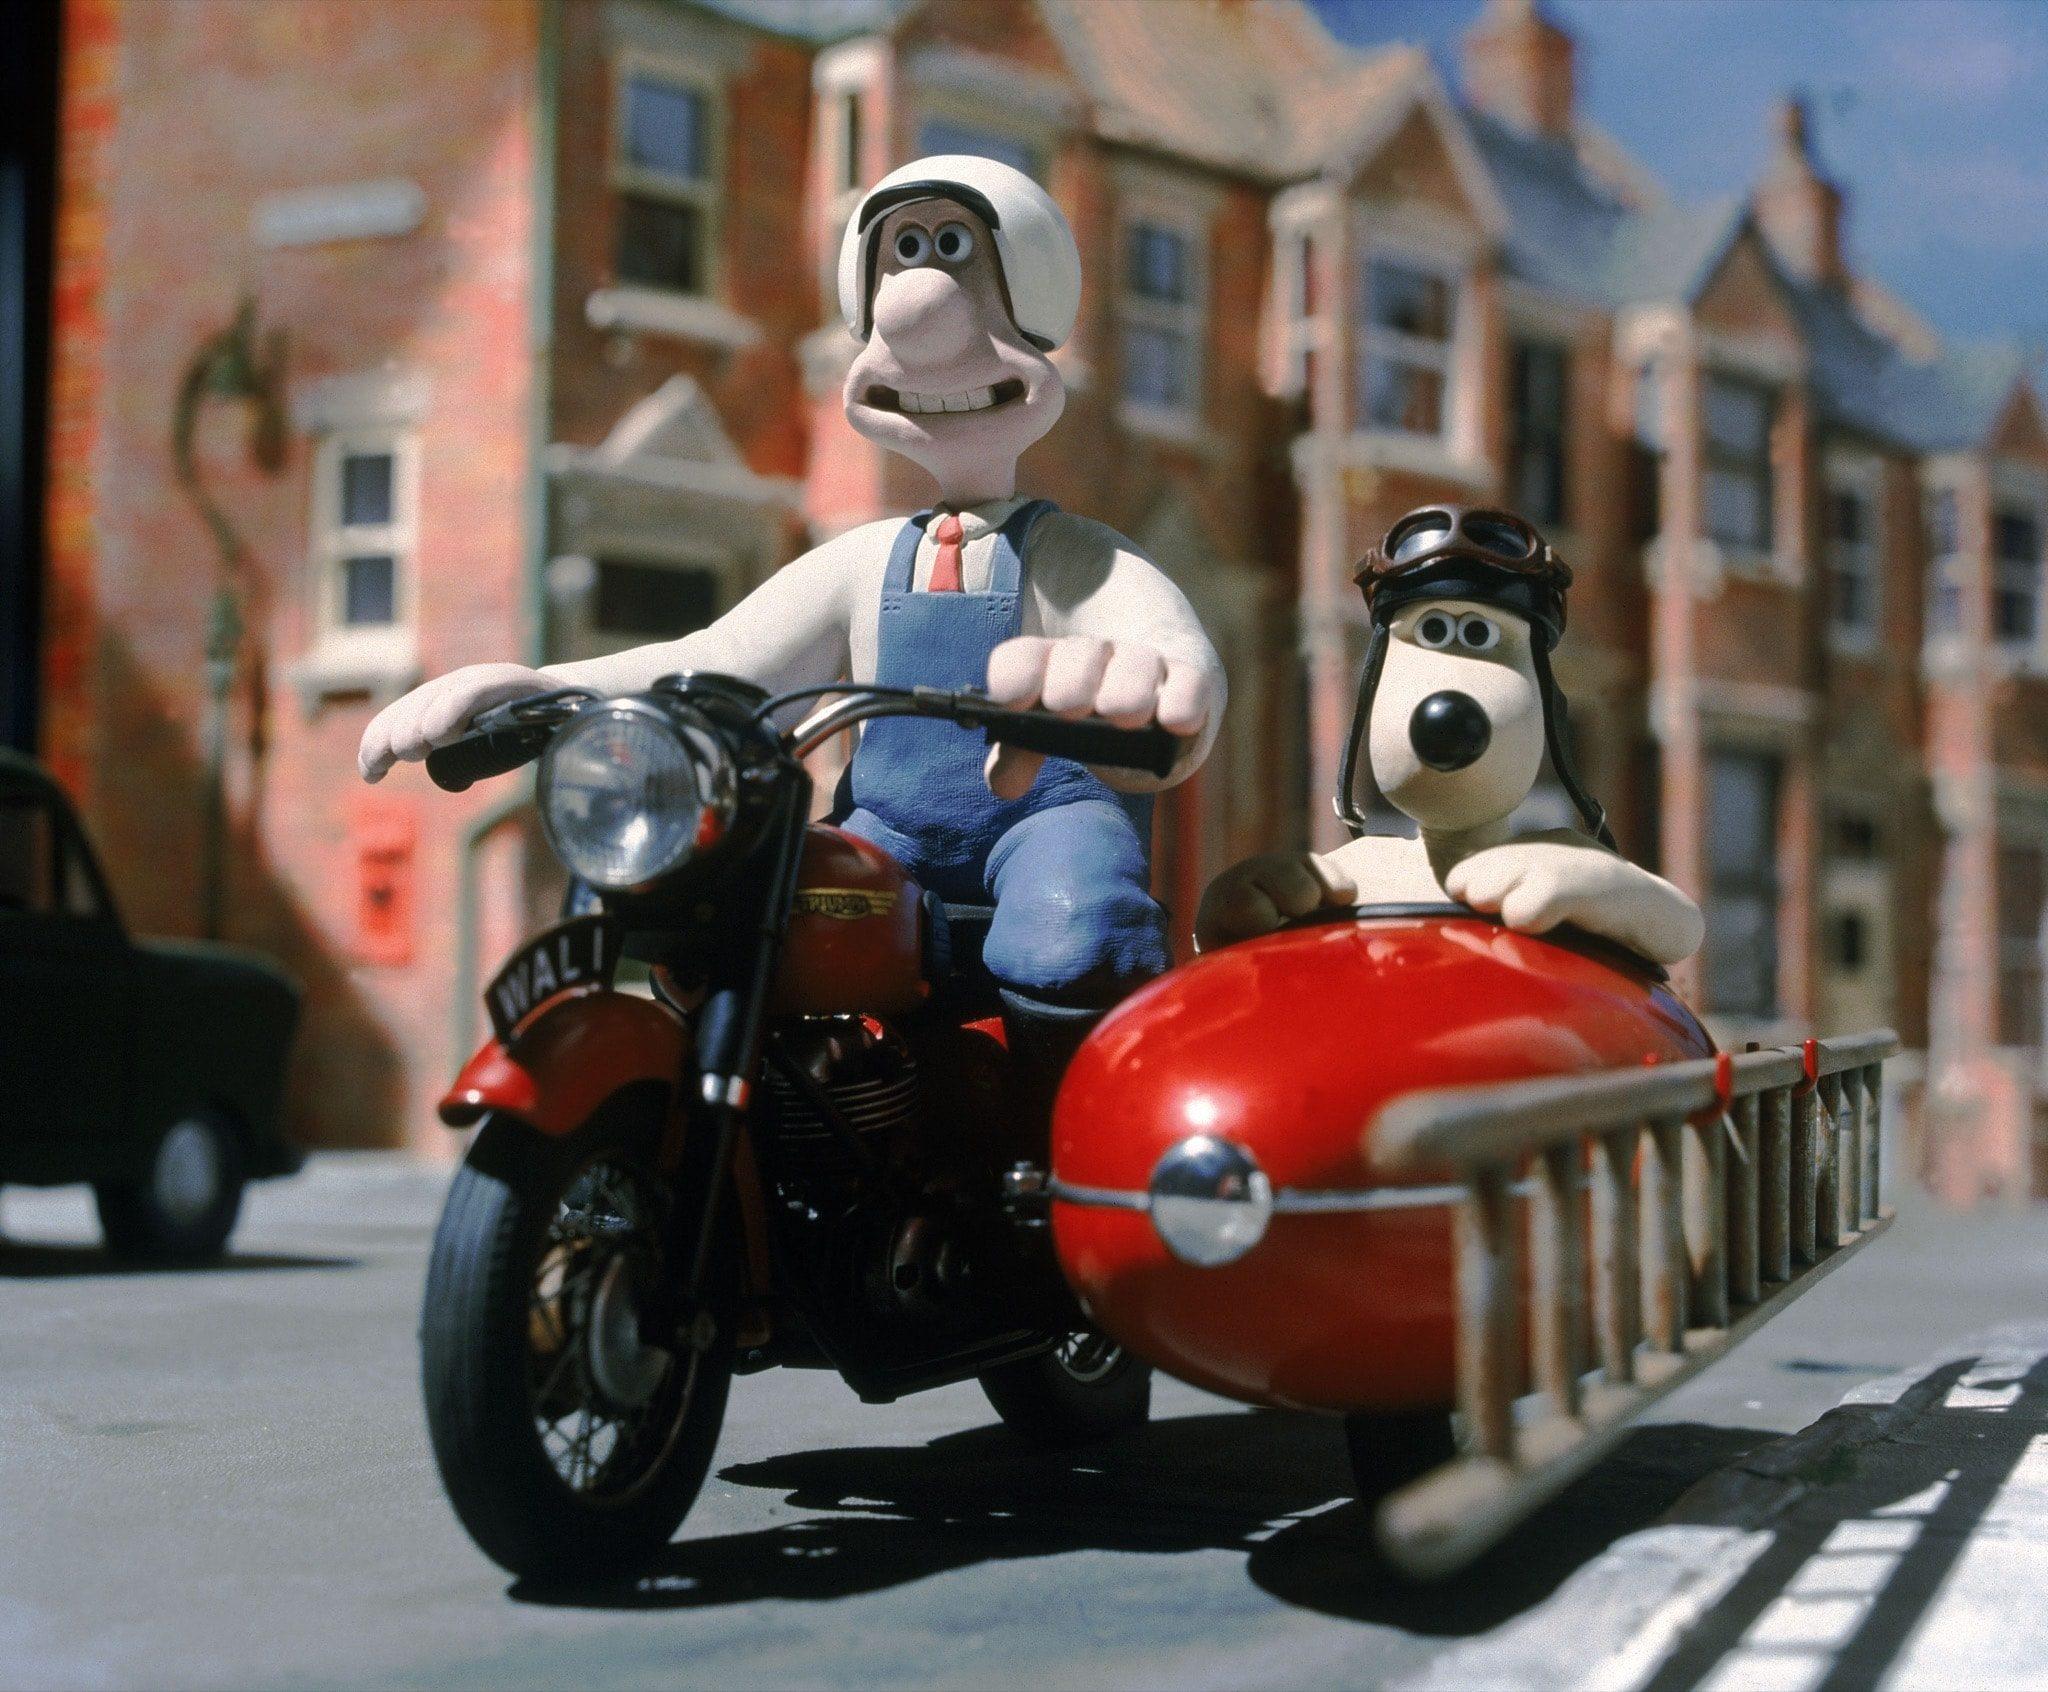 Wallace & Gromit Cœurs à modeler image-1